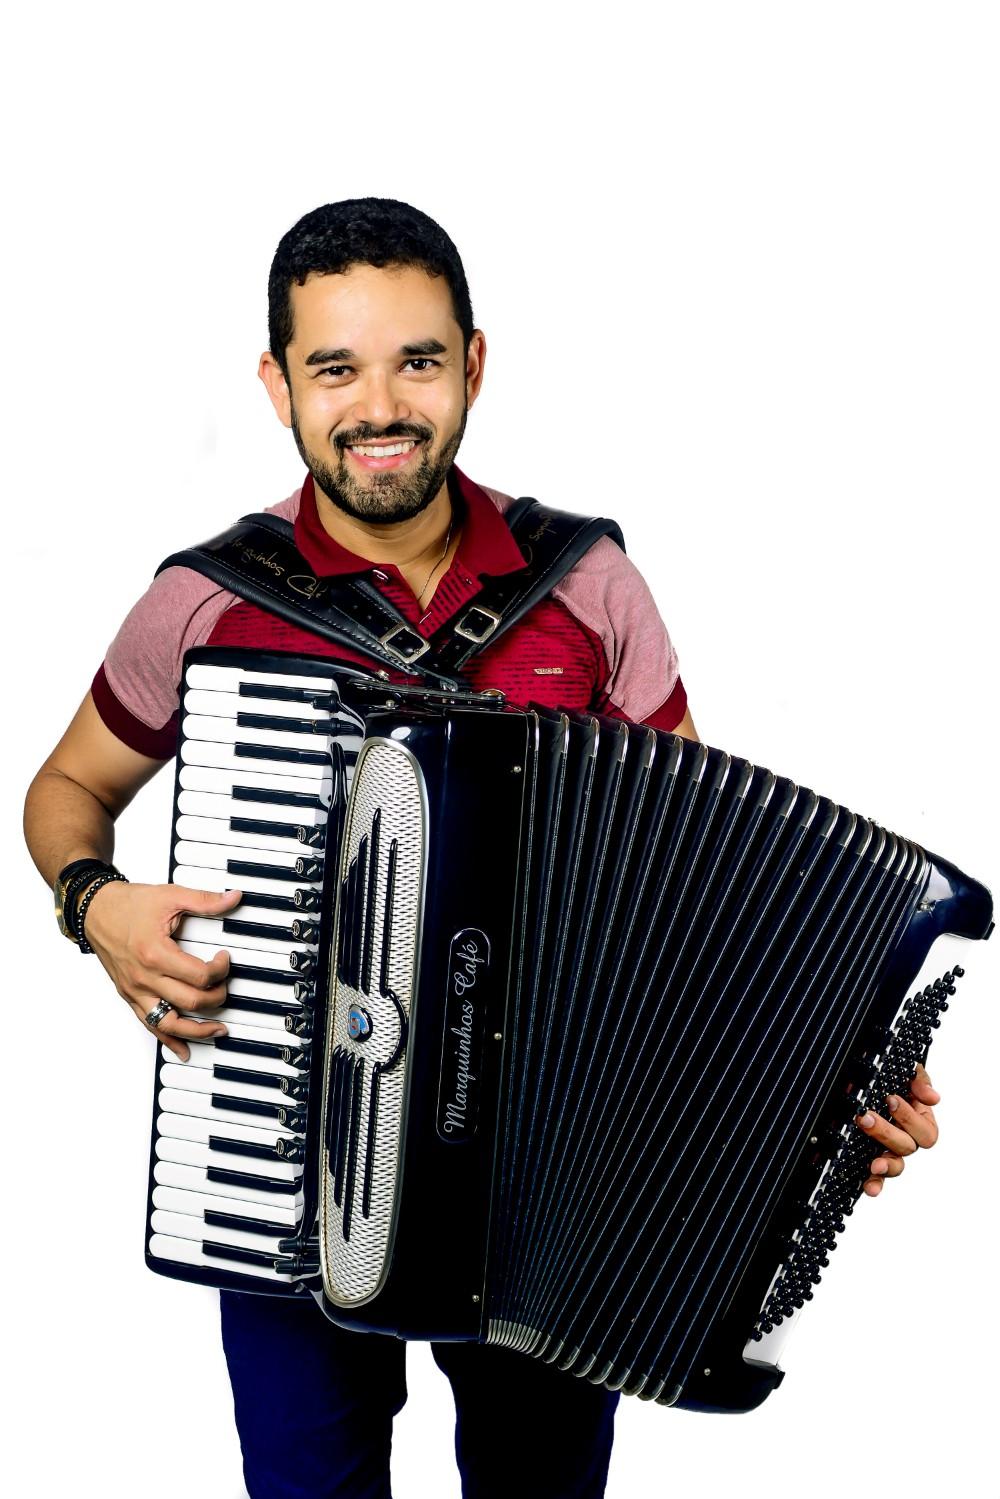 É nesta sexta: Forró da AABB Salvador recebe Danniel Vieira, Adelmario Coelho e Marquinhos Café